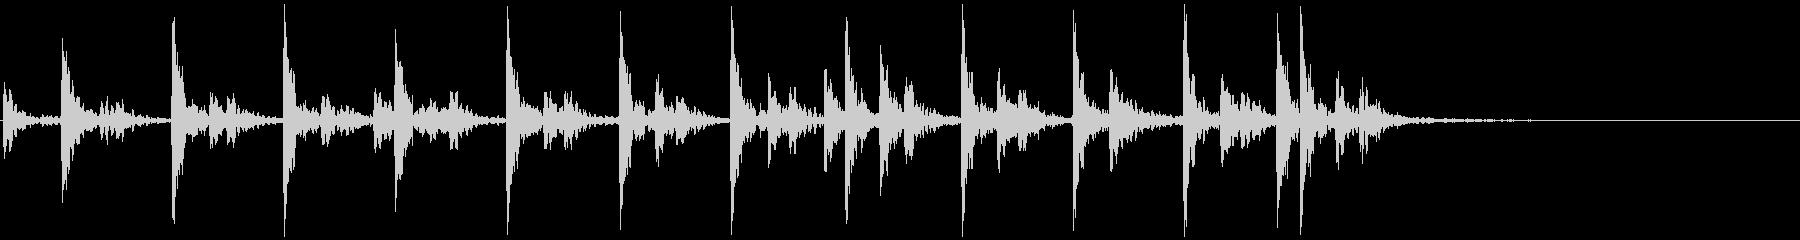 低音:グルーヴィージャングルリズム...の未再生の波形